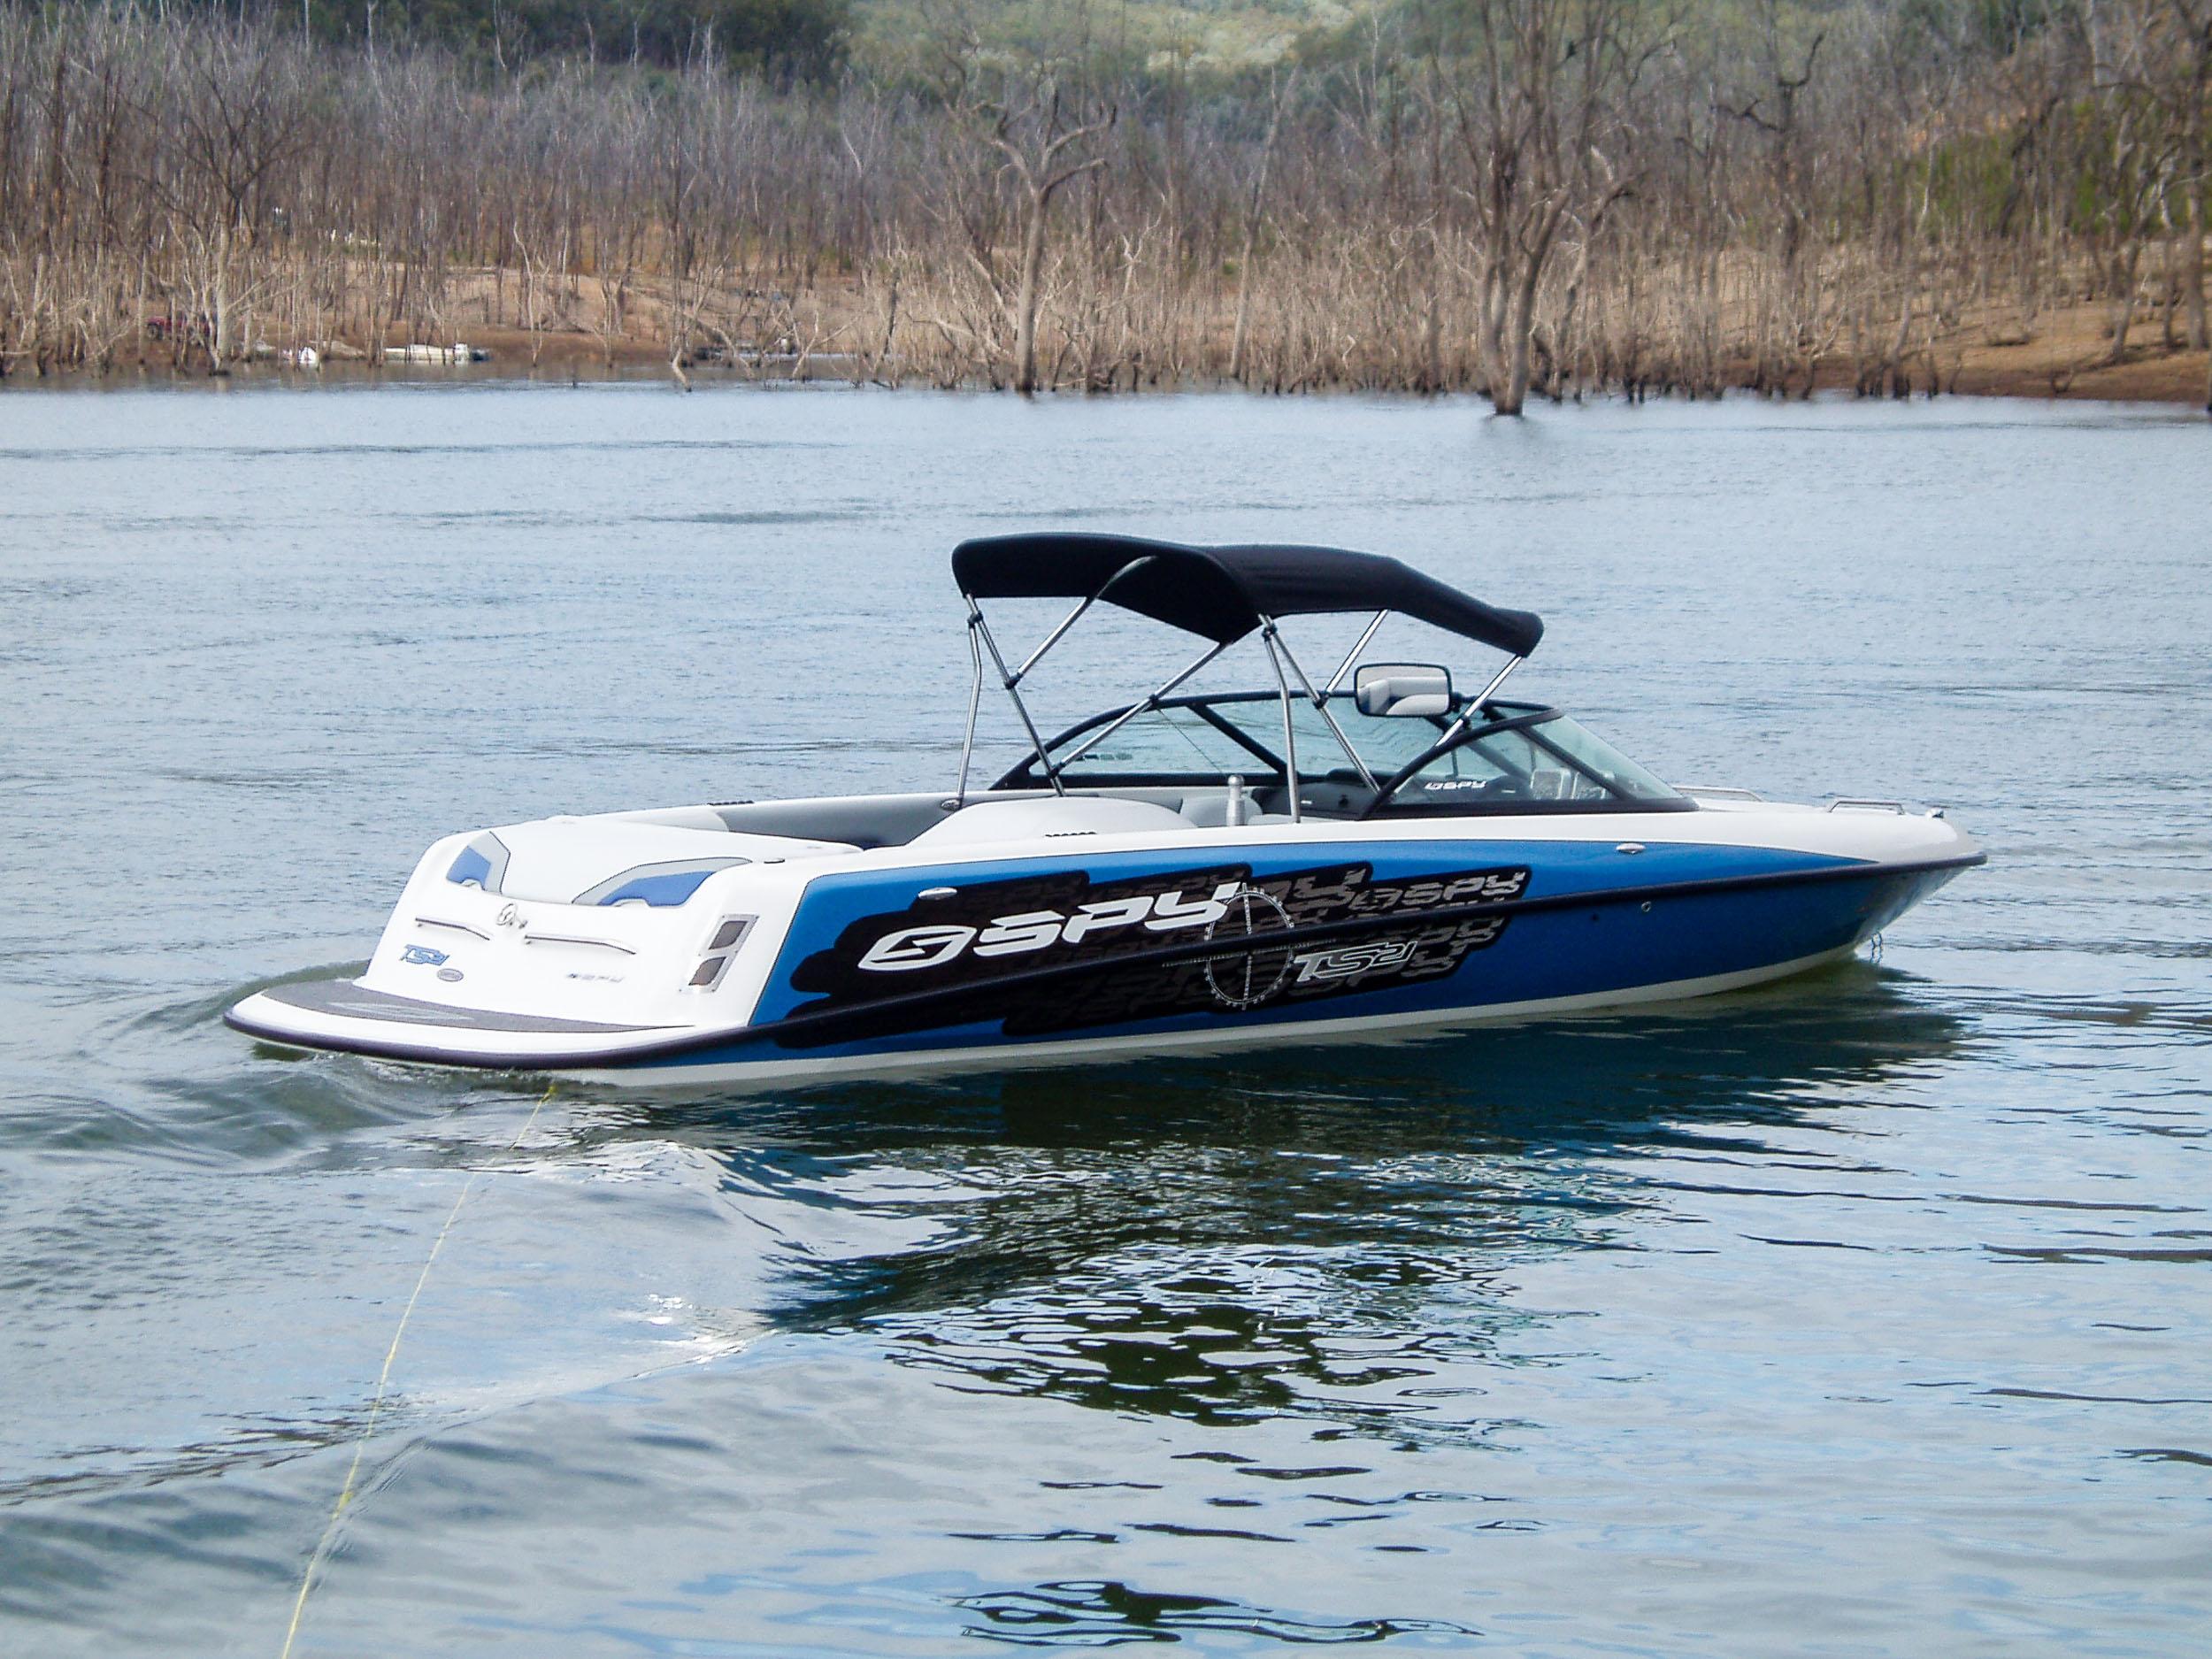 Spy_Boats_TS21-11.jpg